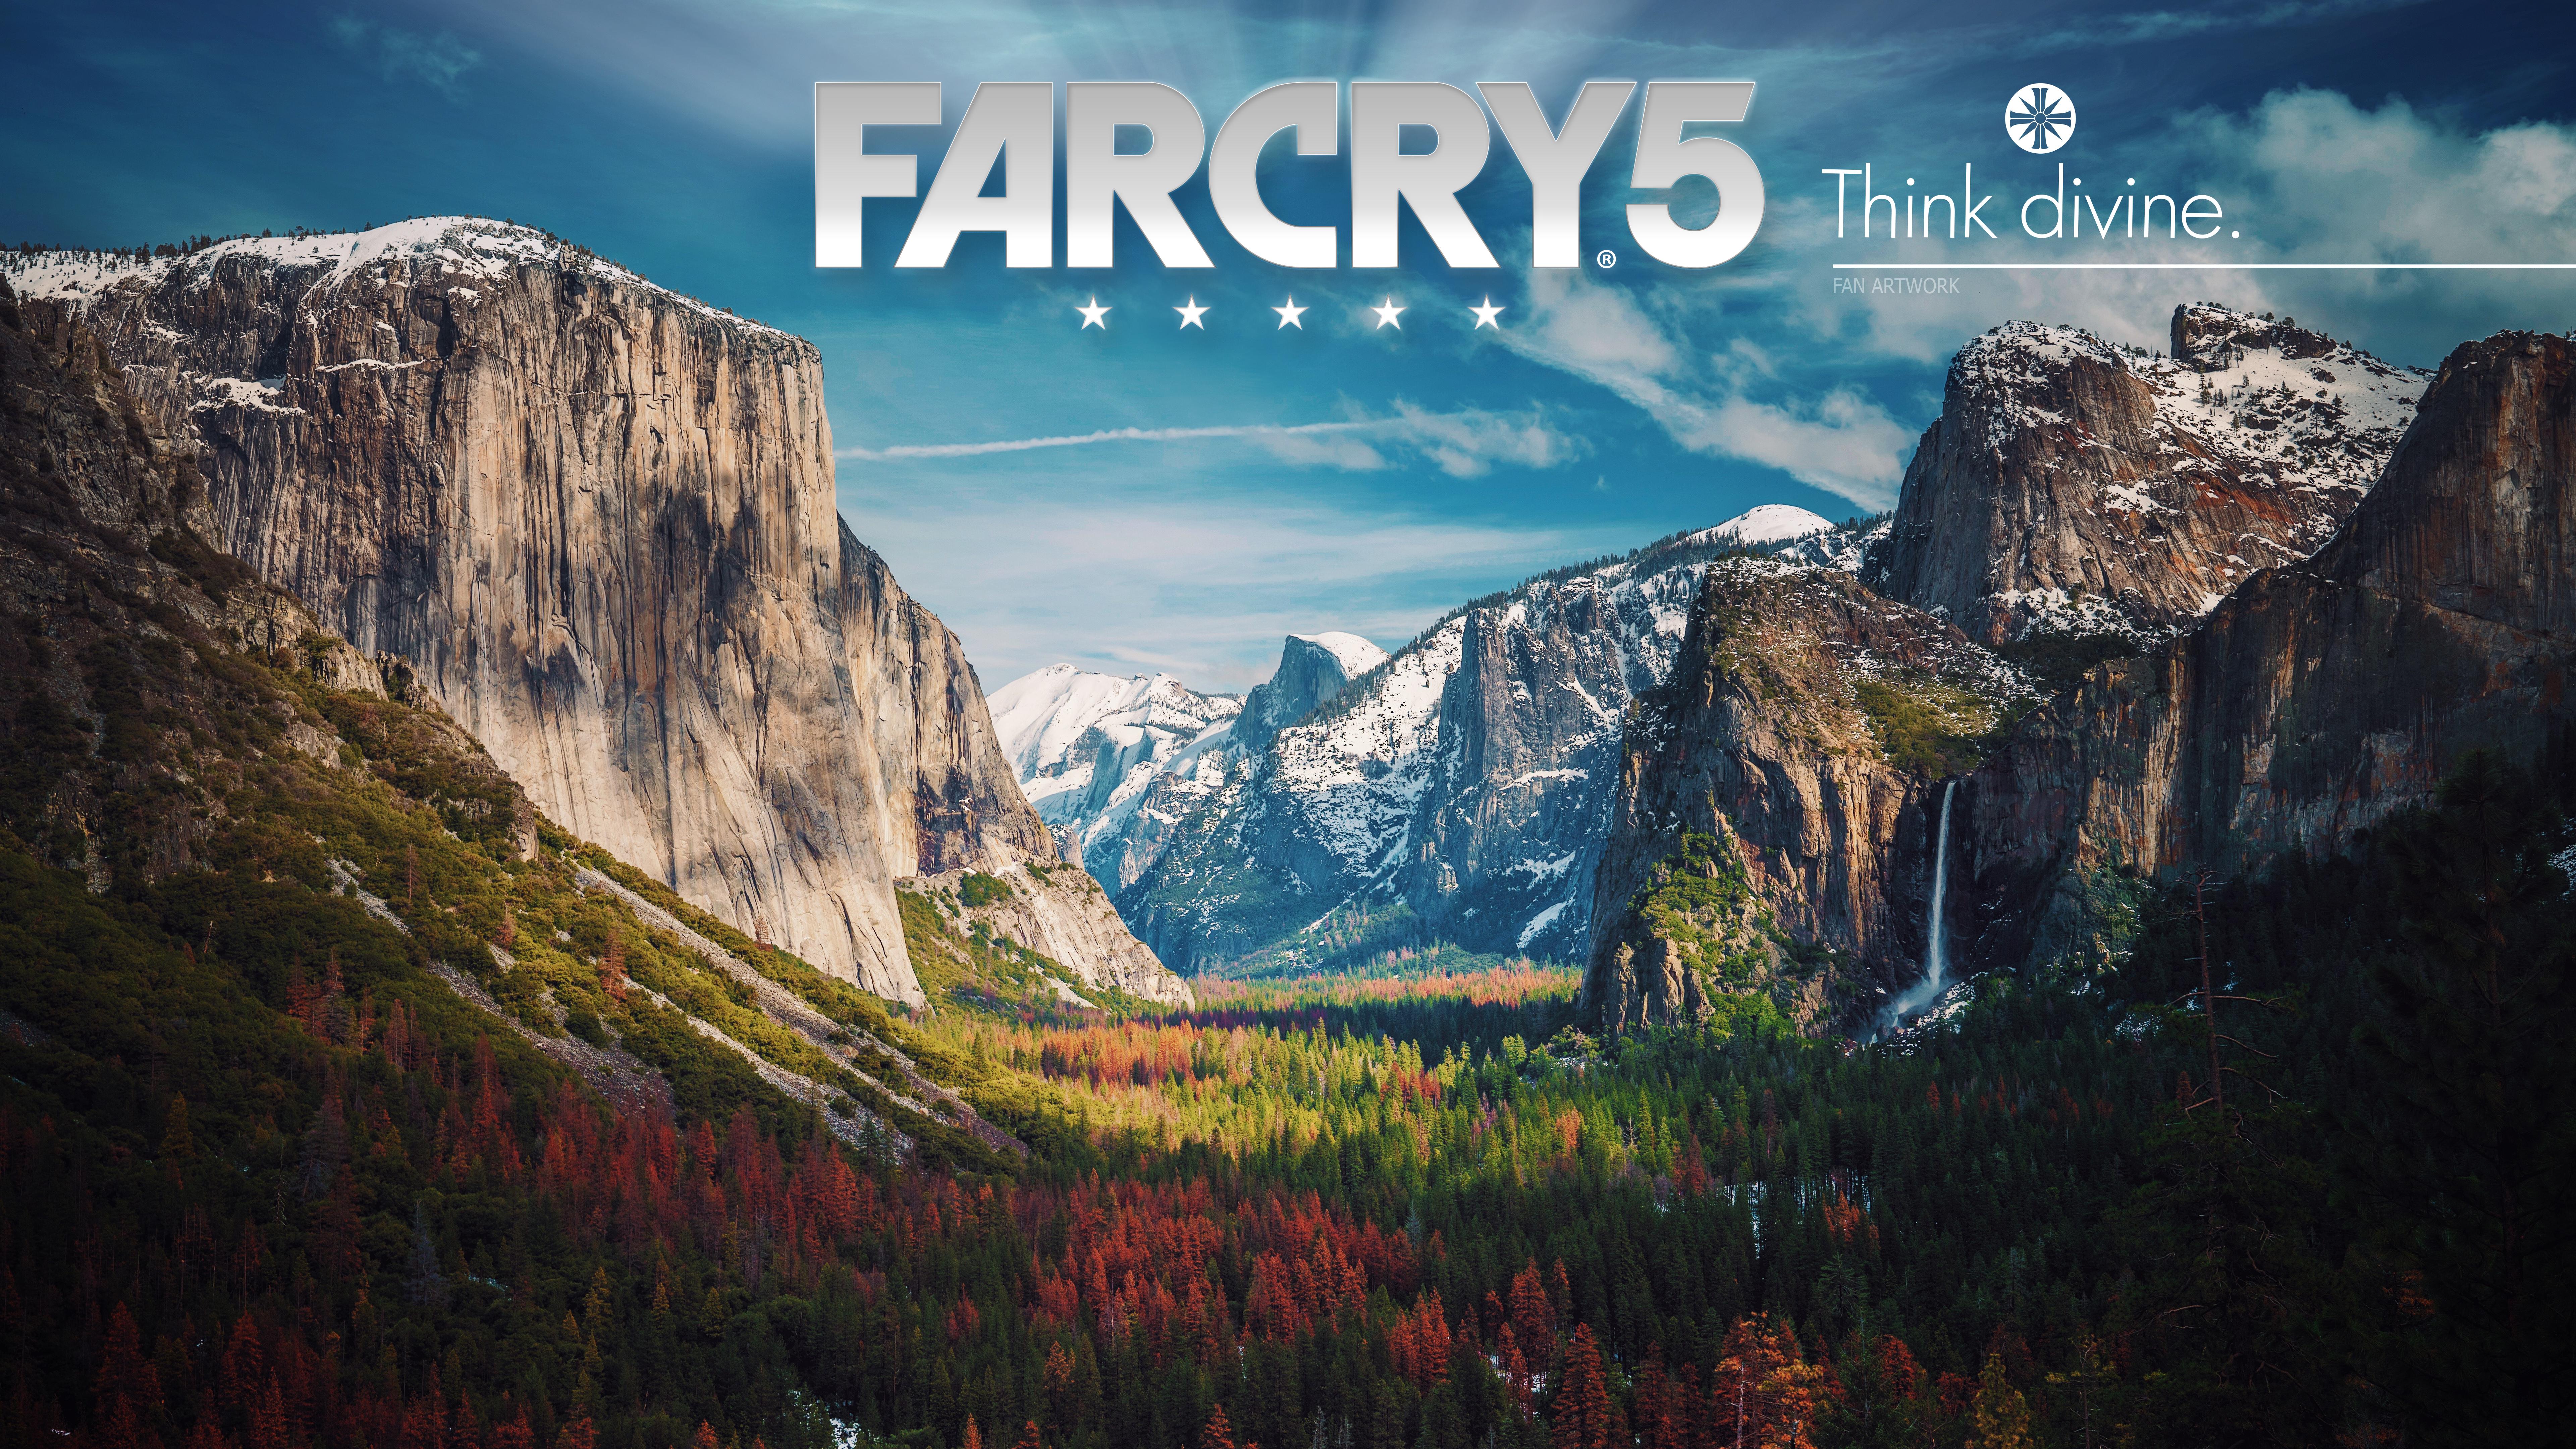 Fondos De Pantalla 7680x4320 Px Muy Lejos Far Cry 5